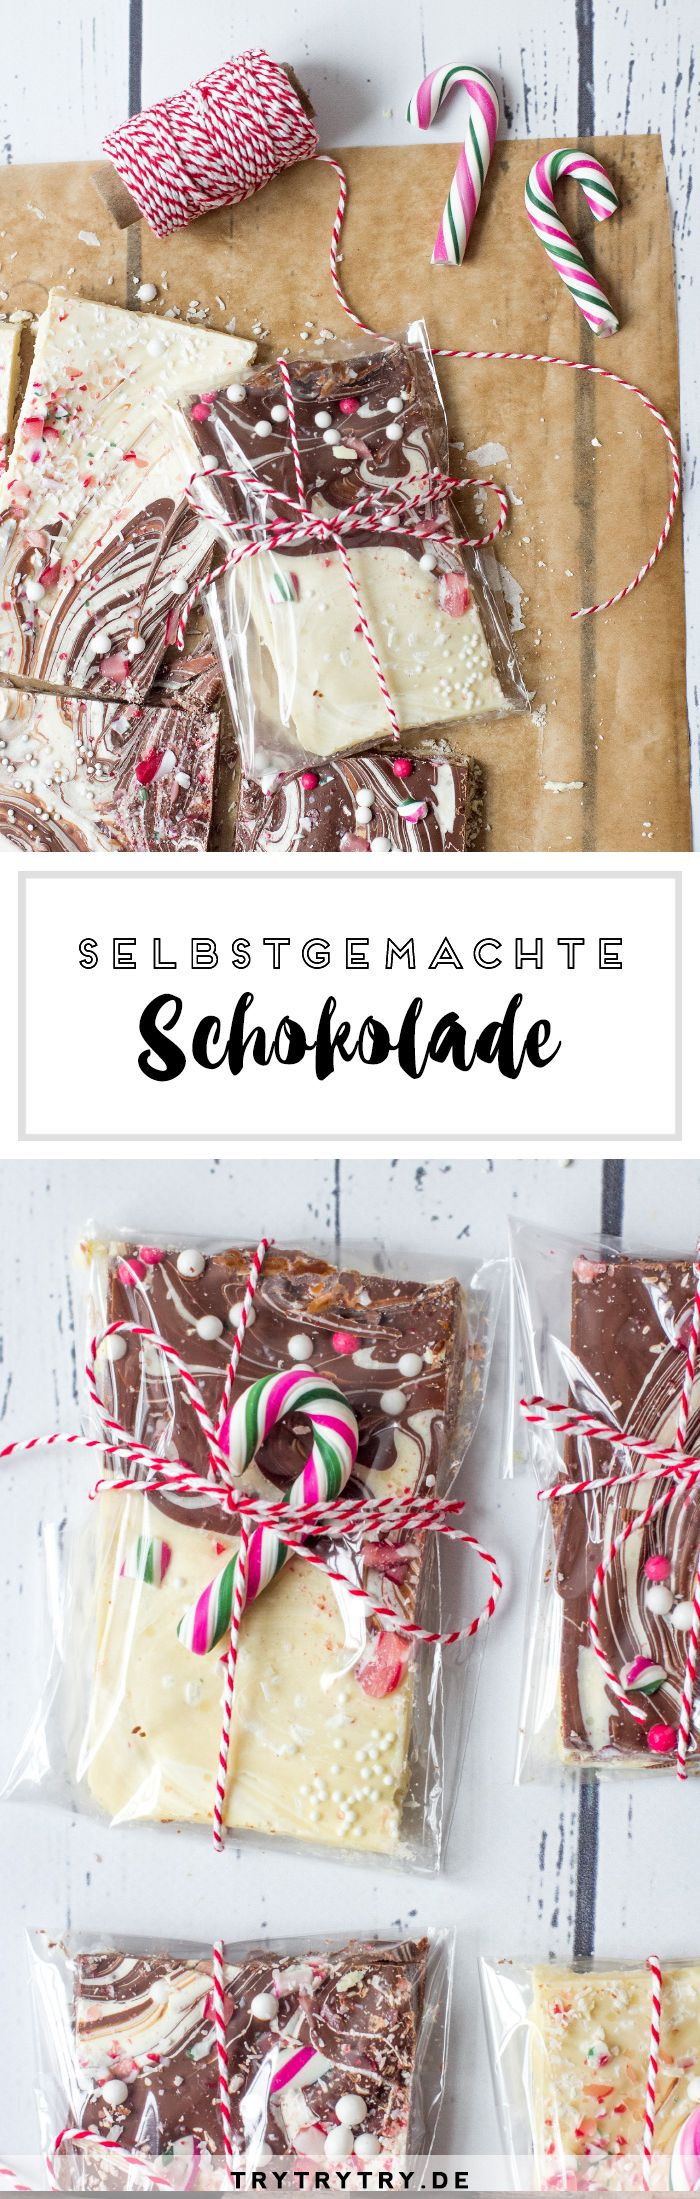 Selbstgemachte Schokolade zum Verschenken. Tolles DIY Geschenk für ...